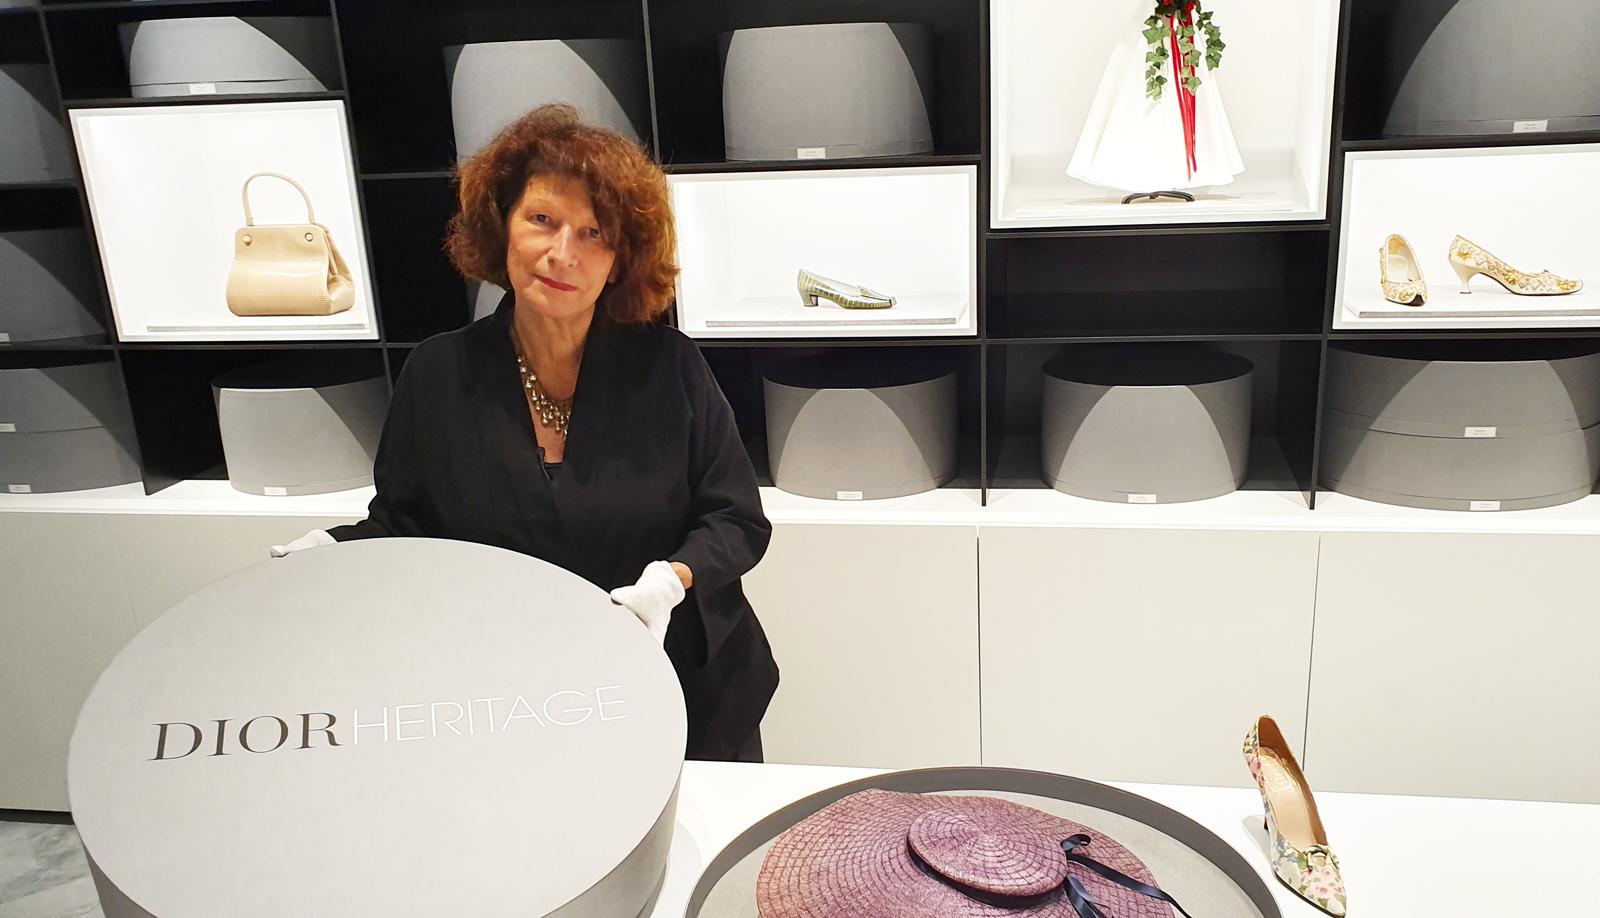 Soizic Pfaff, directora de Dior Héritage